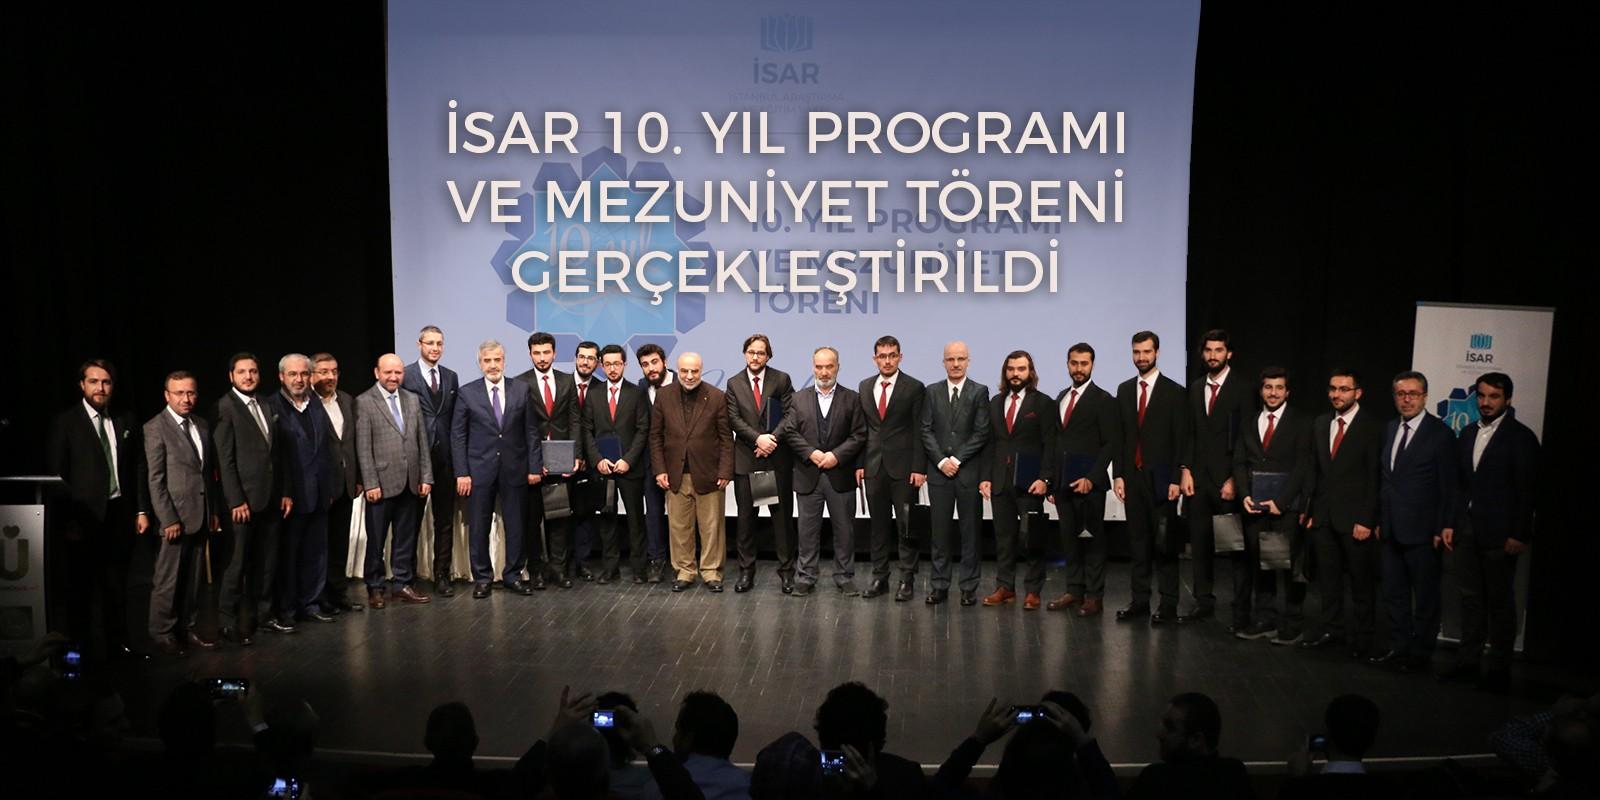 İSAR 10. Yıl Programı ve Mezuniyet Töreni Gerçekleştirildi